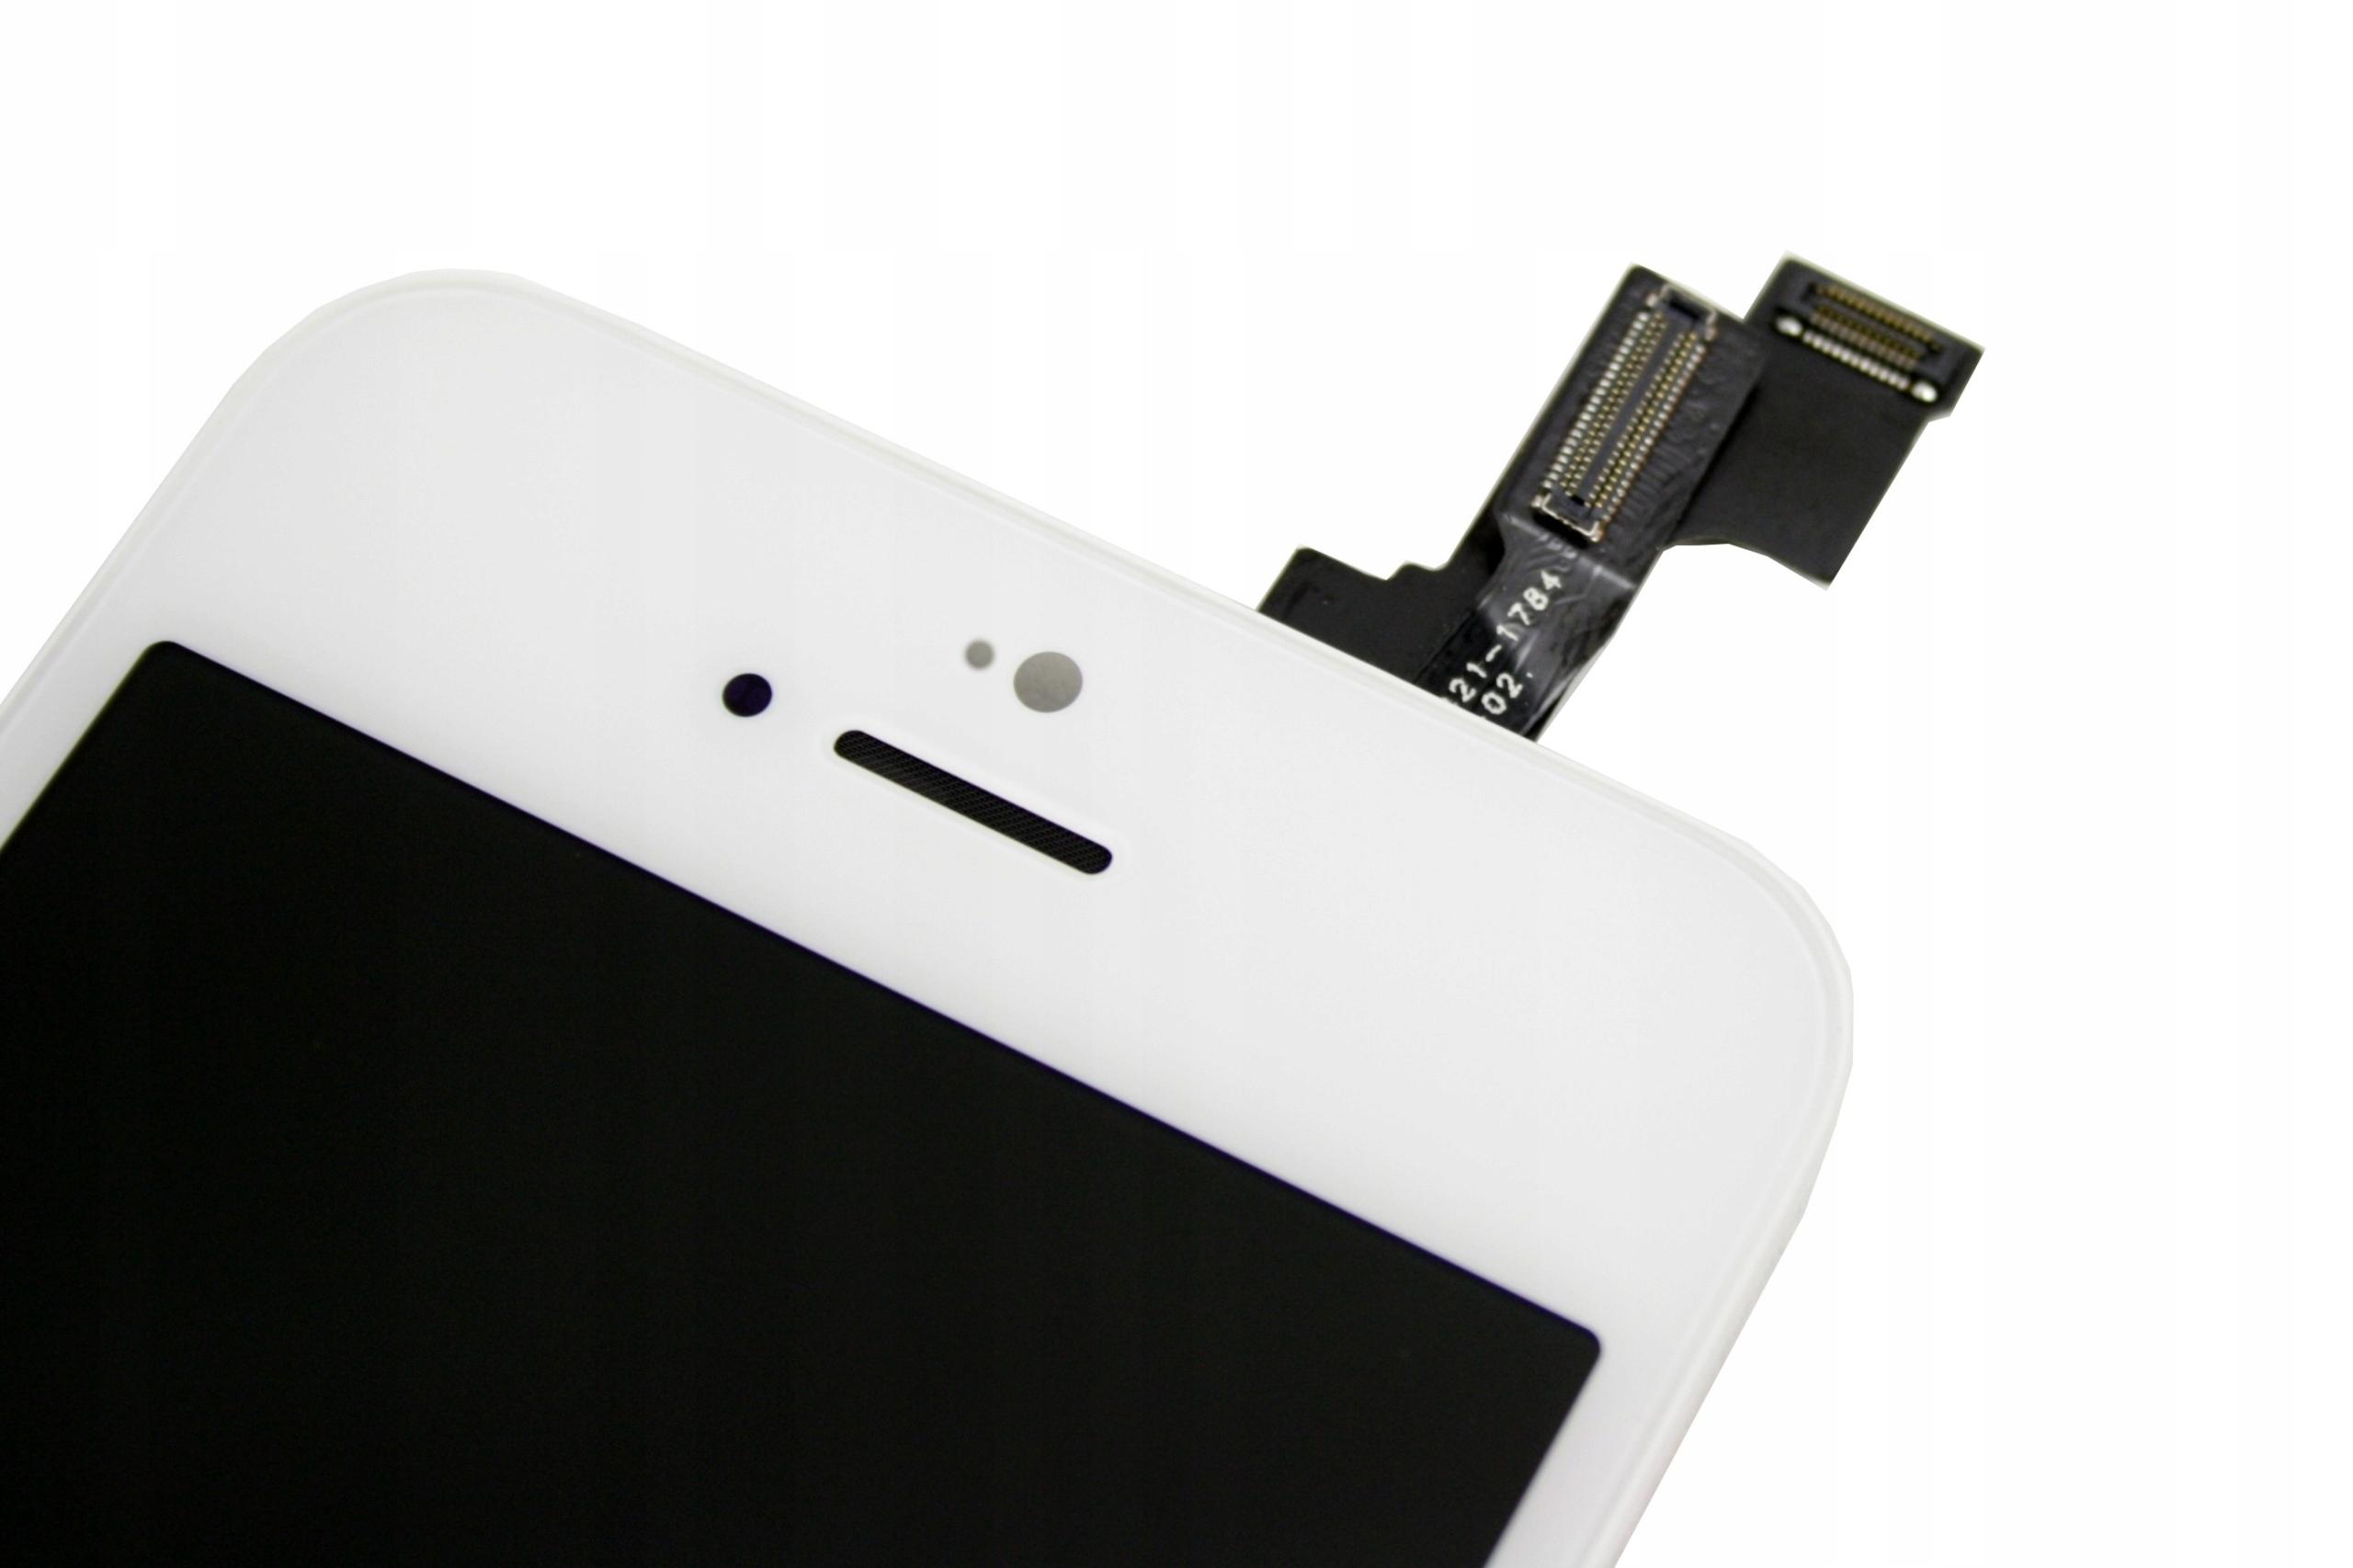 WYŚWIETLACZ Z DIGITIZEREM FULL SET APPLE IPHONE 5S - Wyświetlacze z digitizerami do telefonów